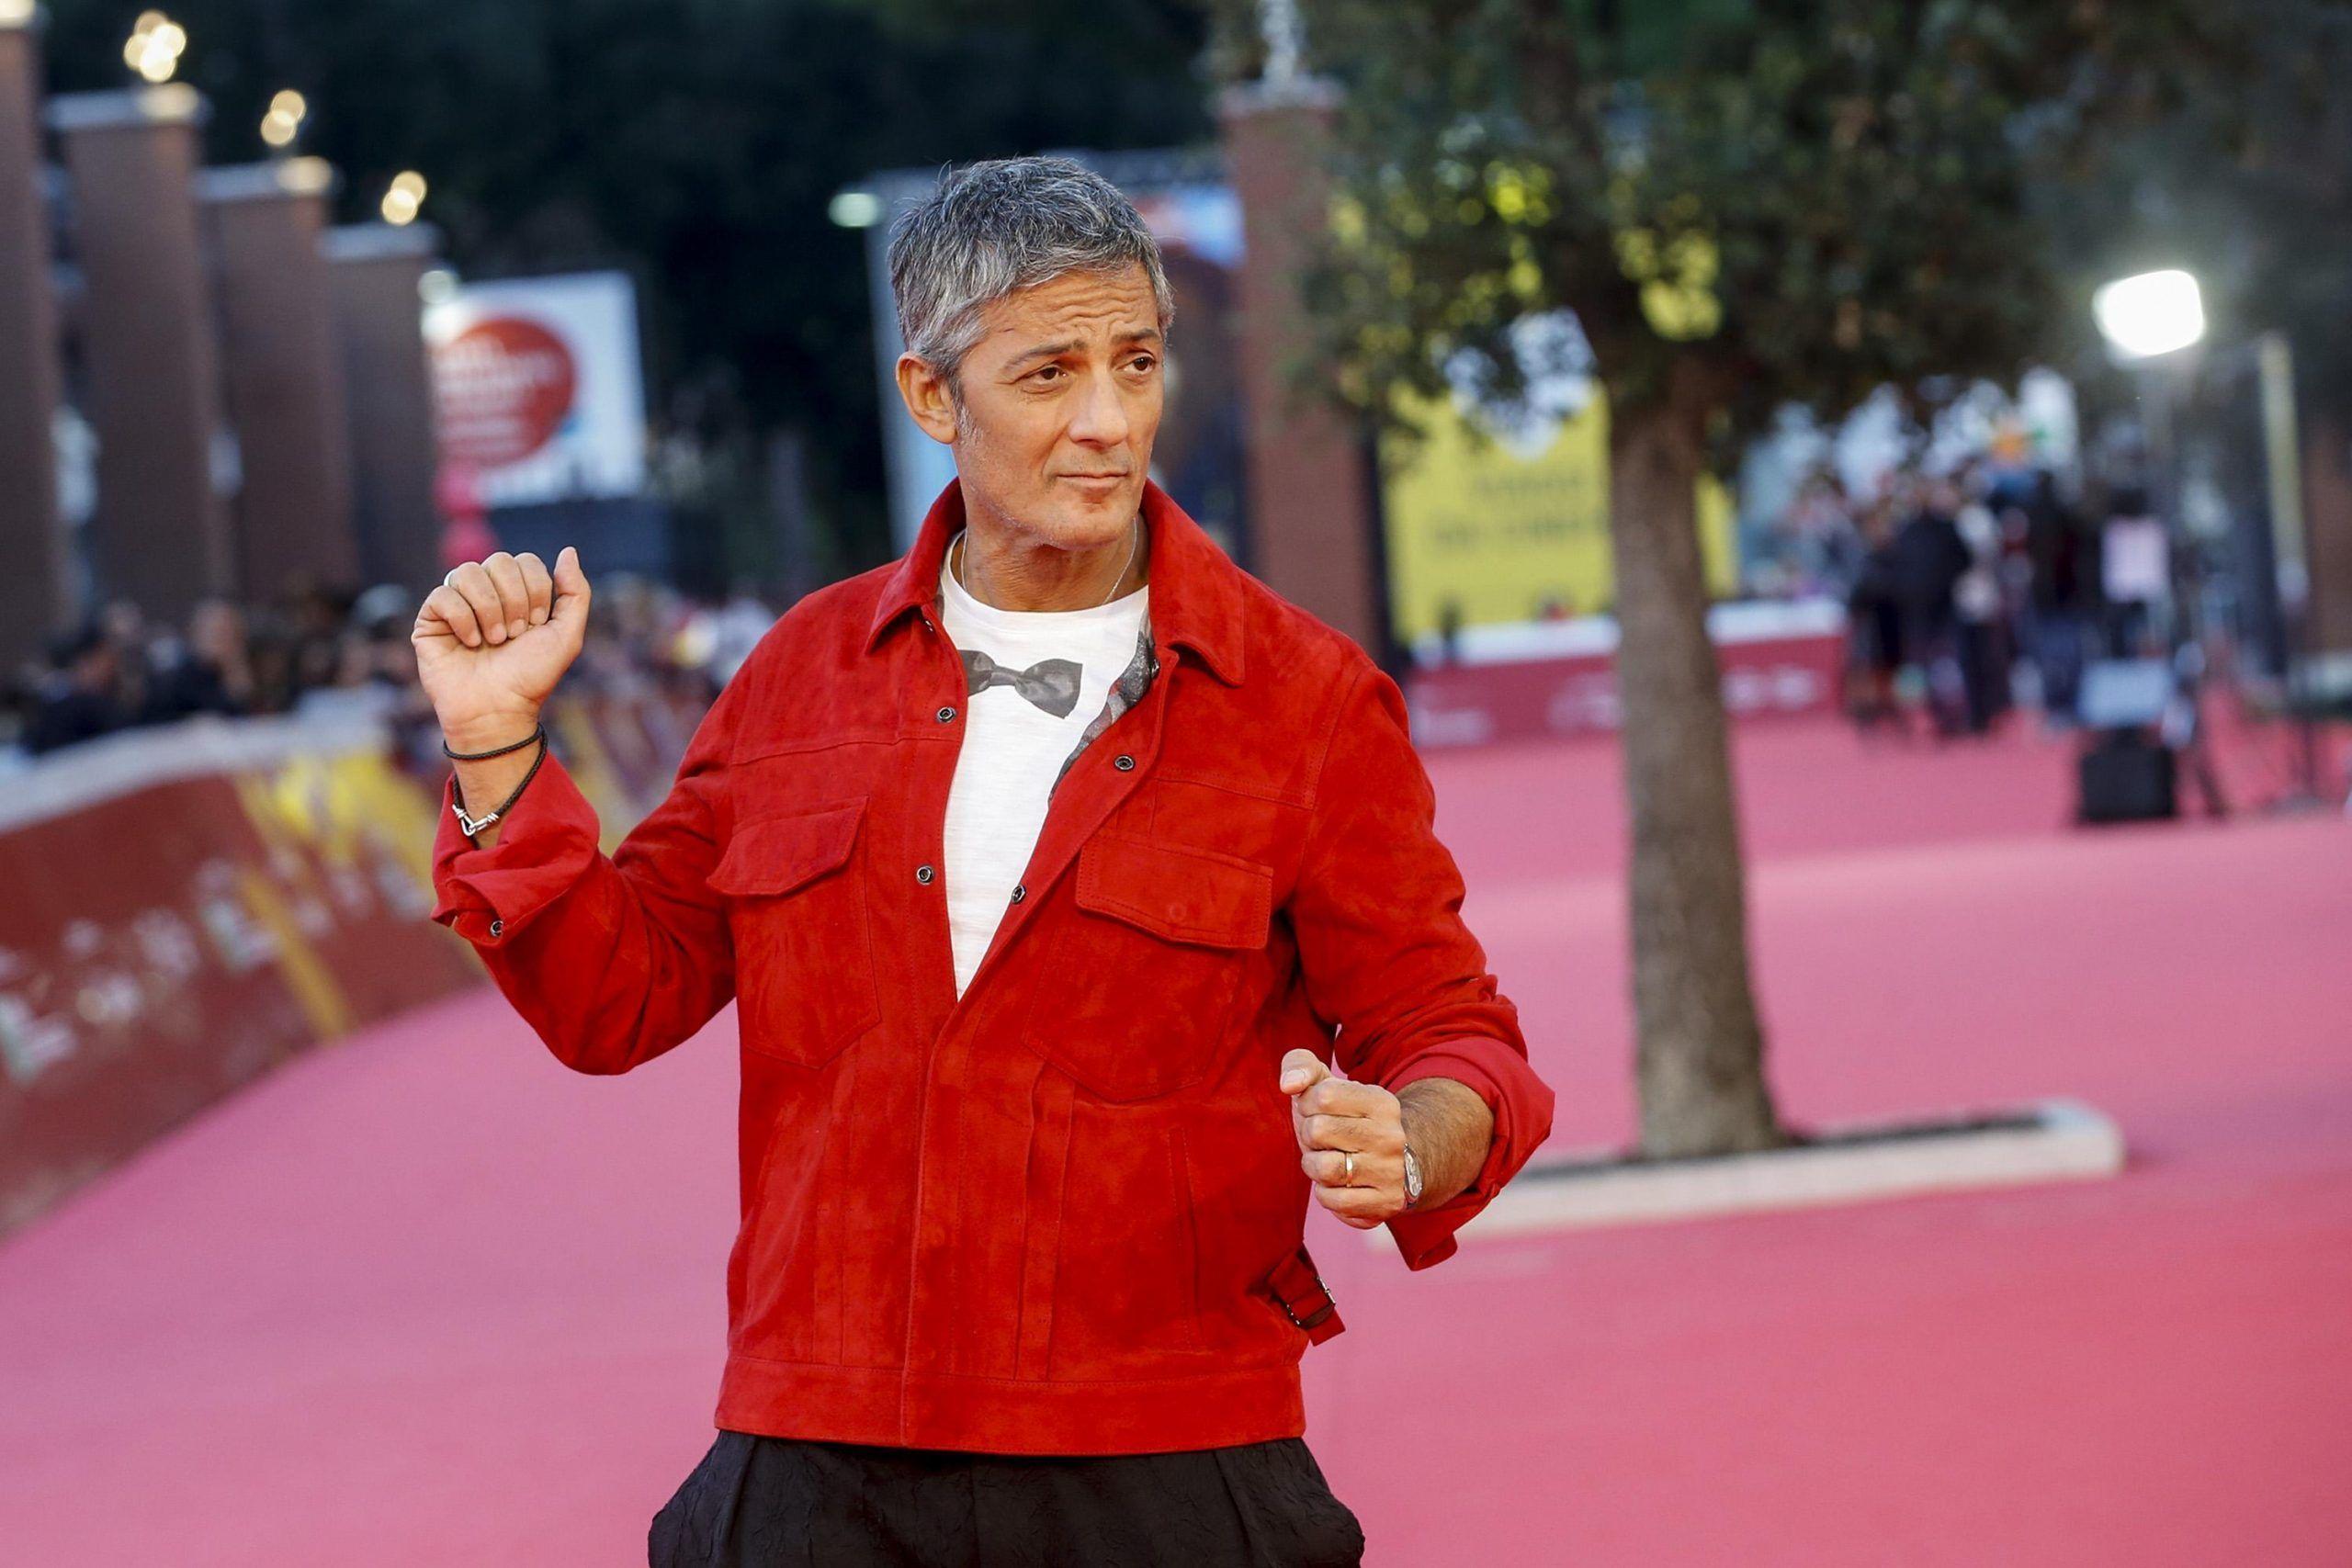 12th annual Rome Film Festival